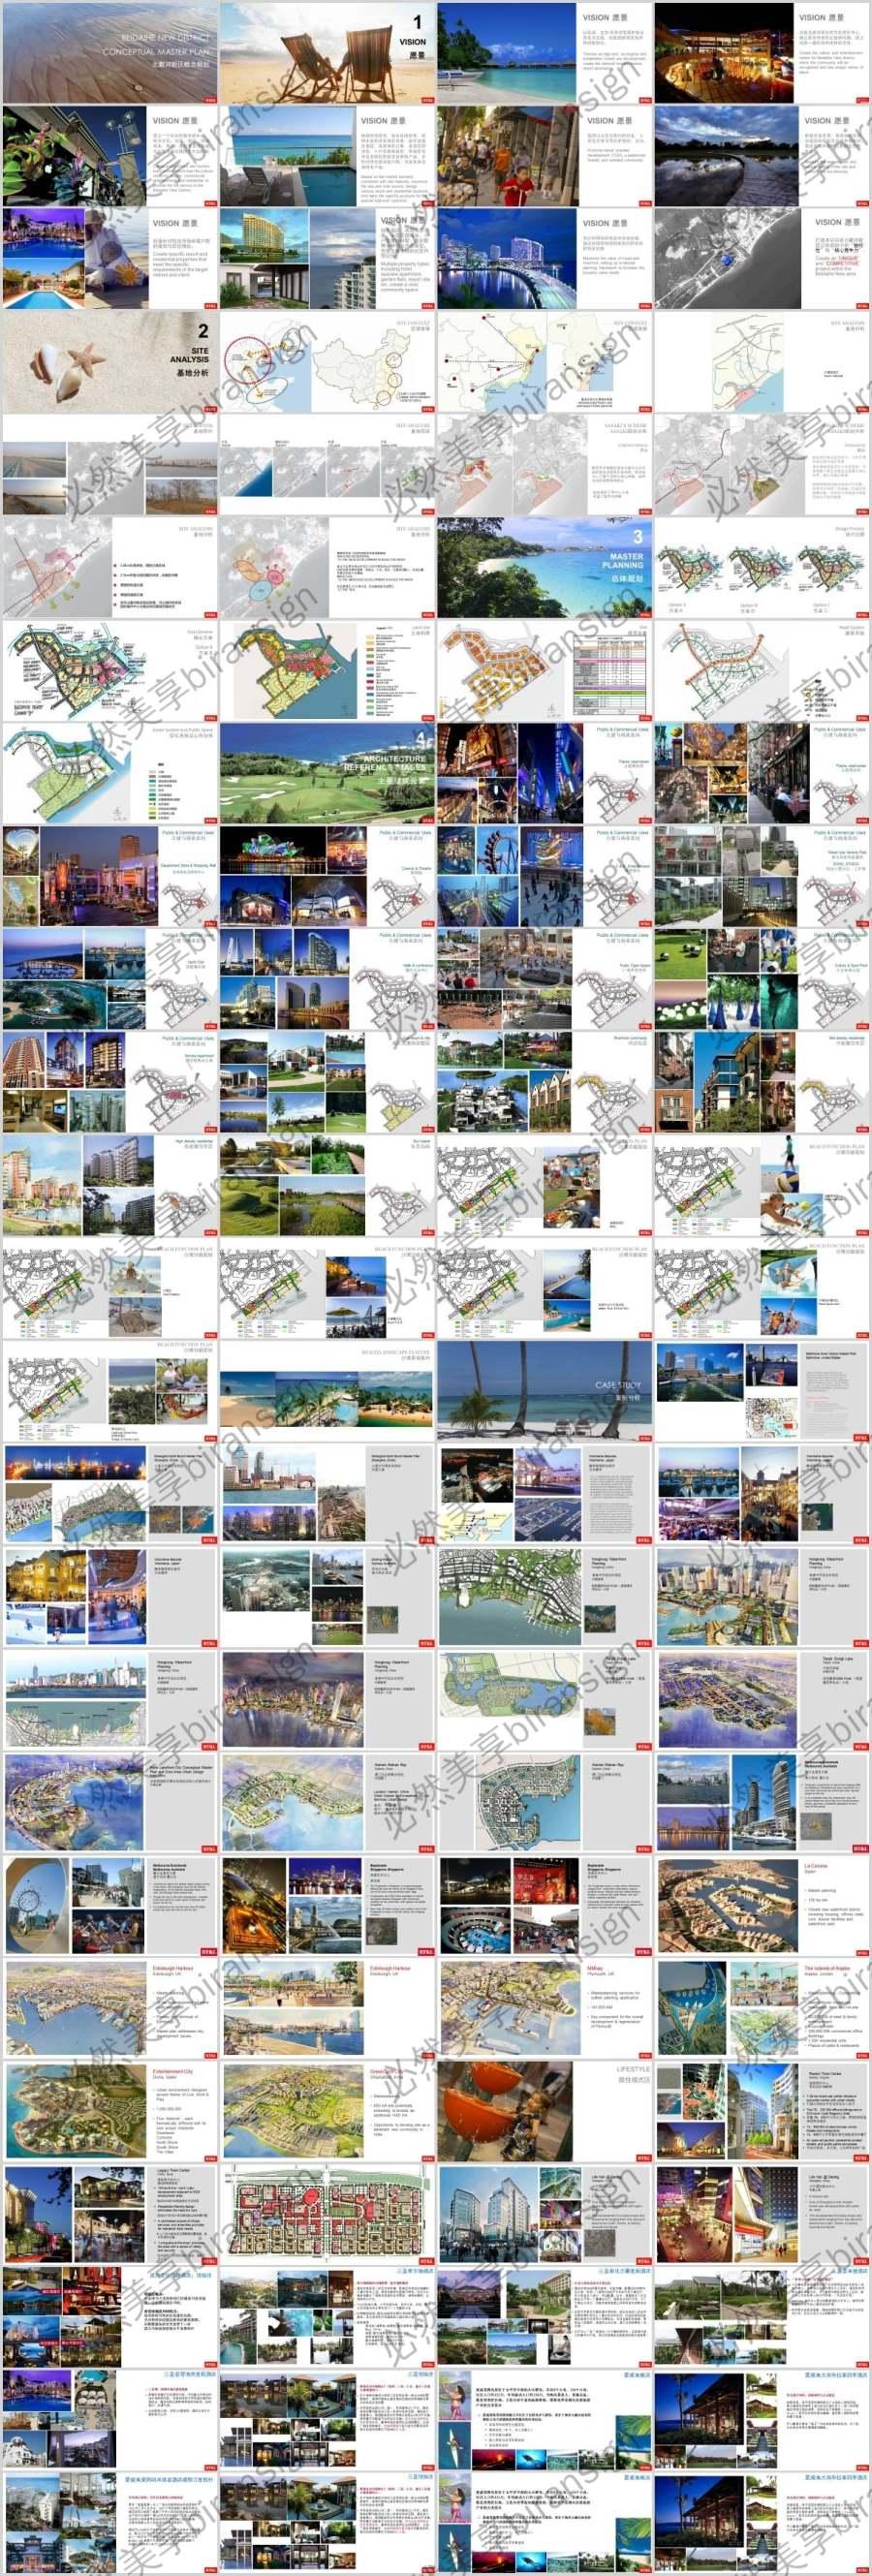 北戴河新区概念规划方案